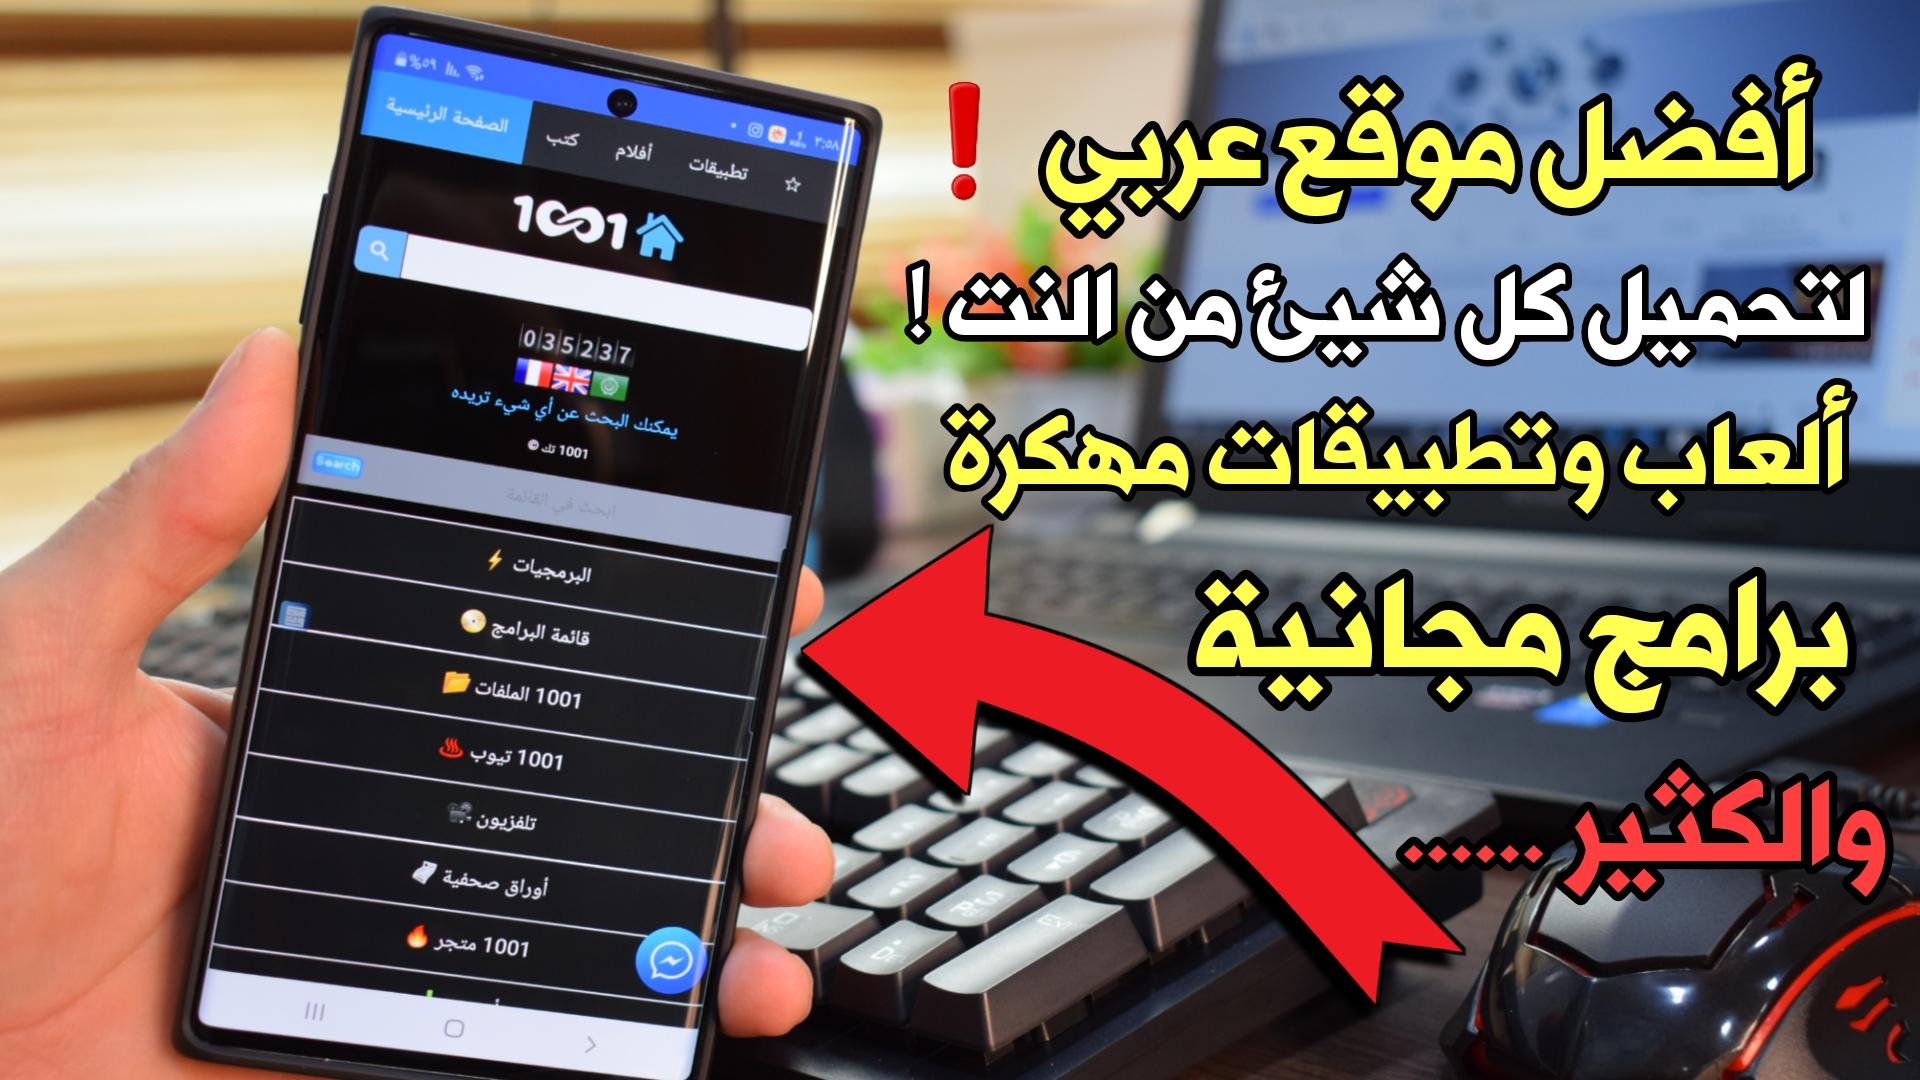 موقع عربي لتحميل كل شيئ من الأنترنت | ألعاب وتطبيقات مهكرة | برامج | أفلام ومسلسلات والكثير!